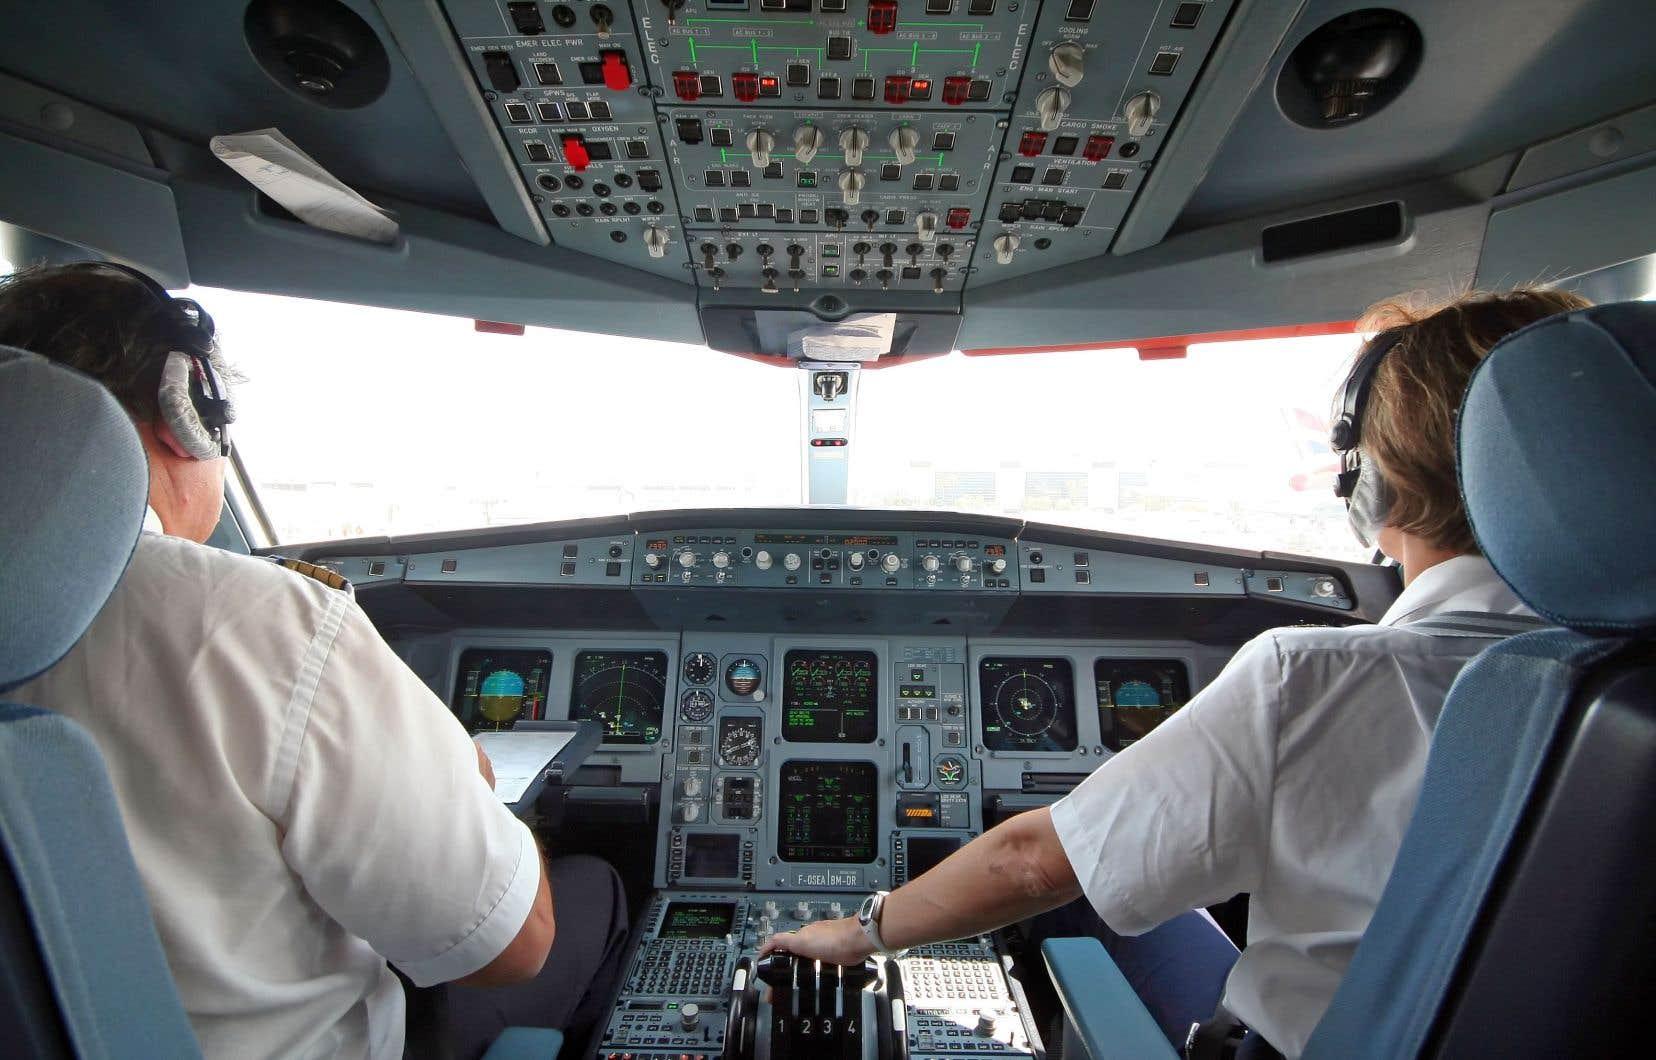 La Chine devrait détrôner les États-Unis en 2022 comme le plus grand marché mondial du transport aérien, selon l'IATA.